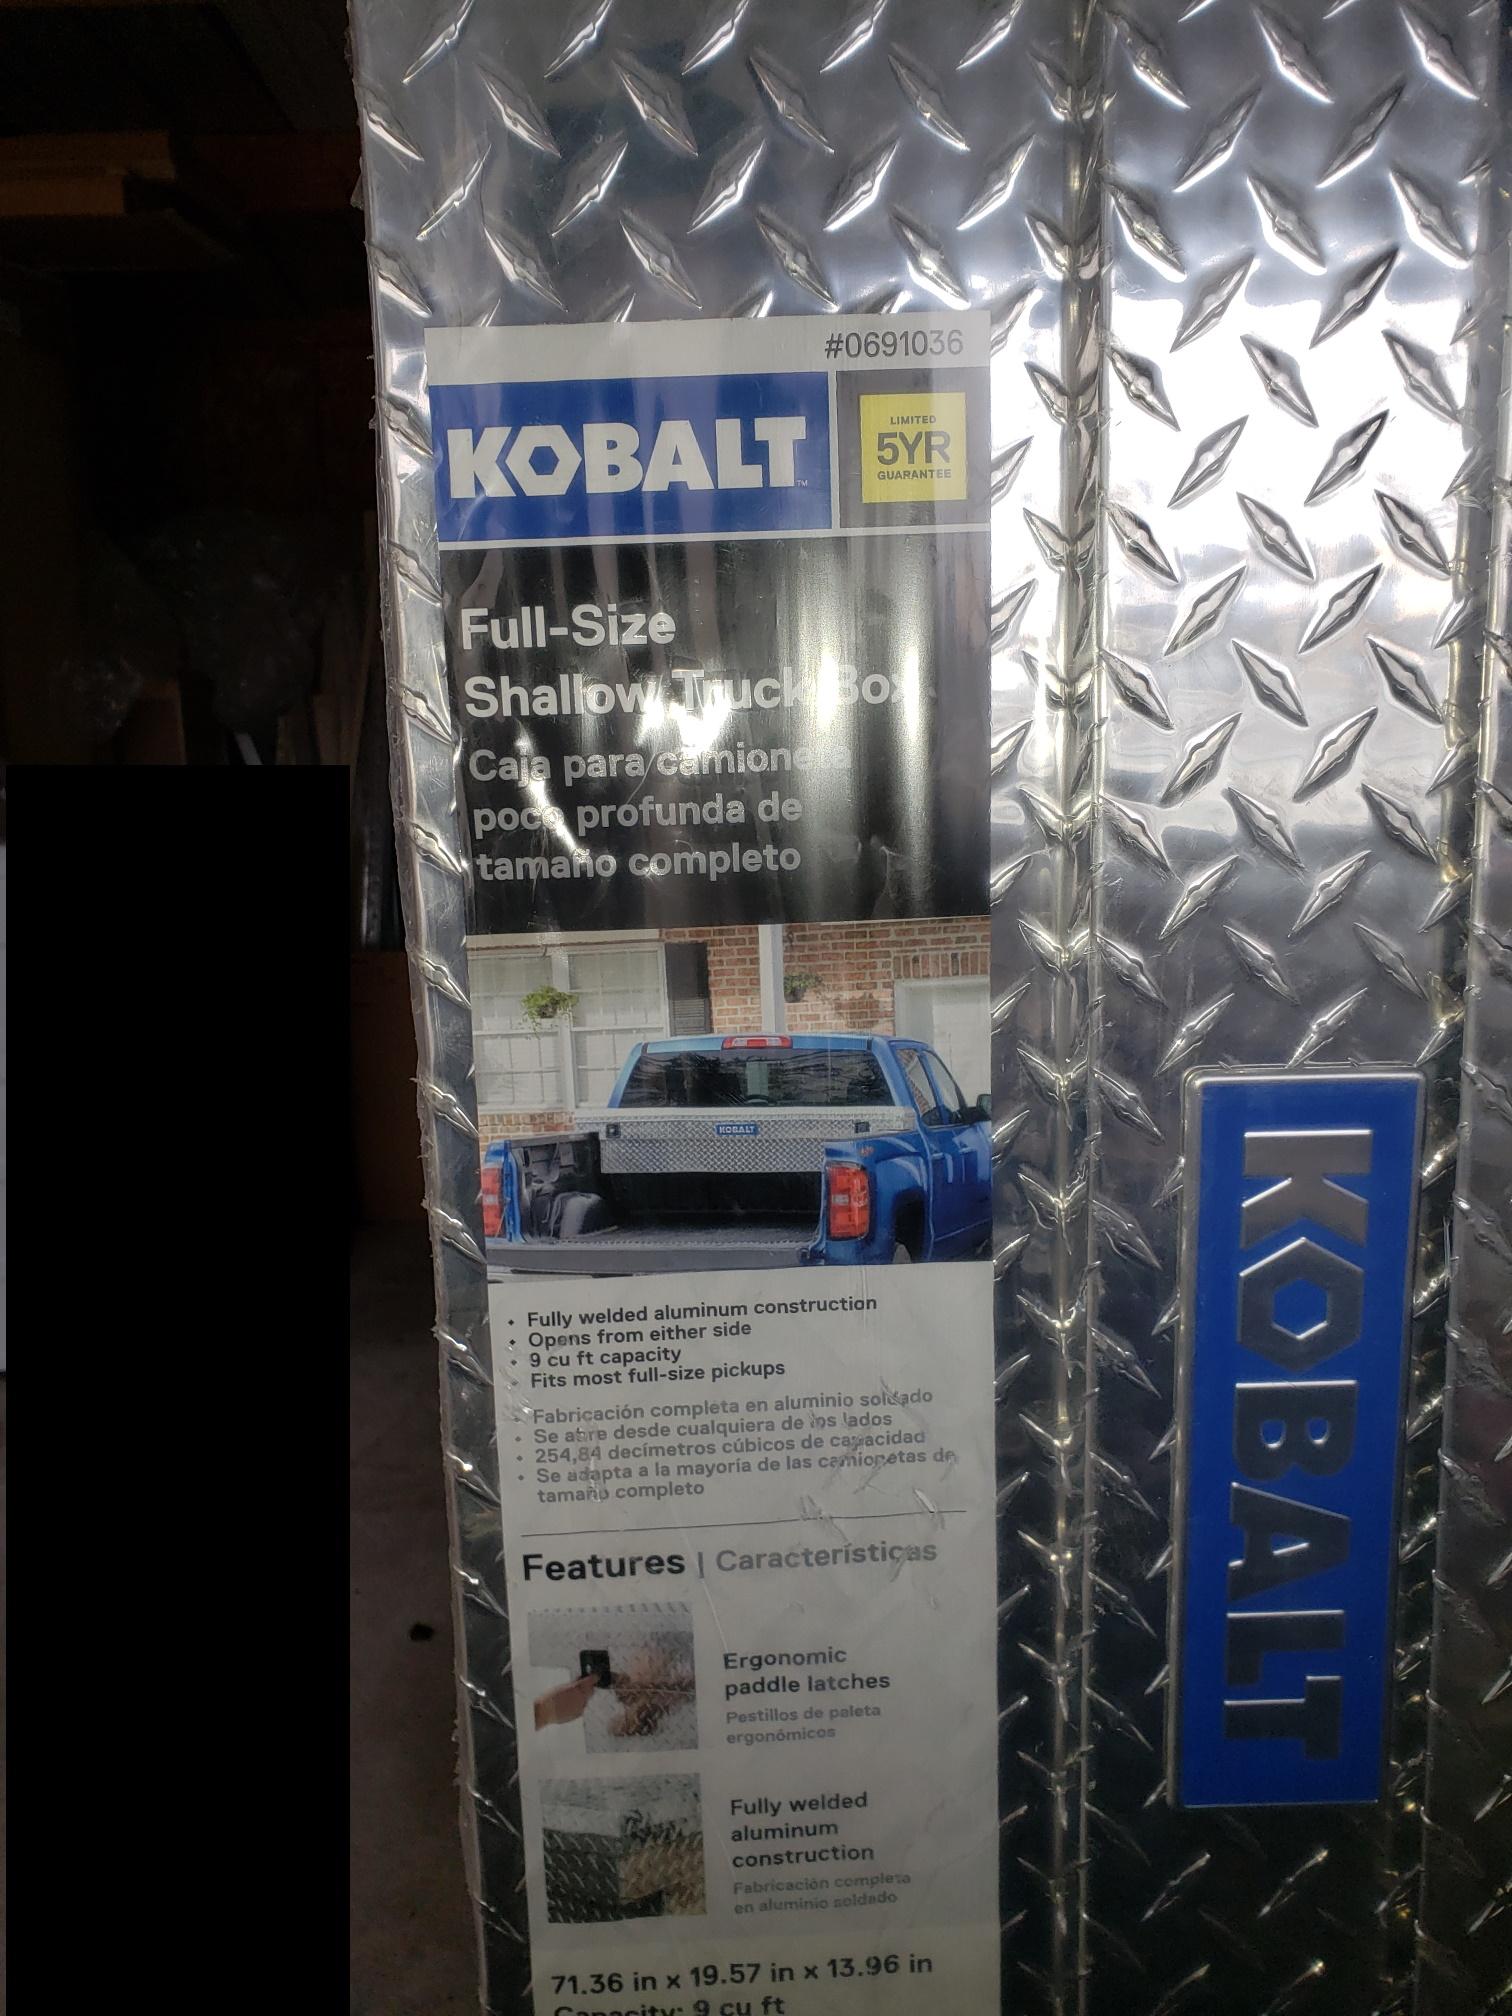 Kobalt 71 4 In X 19 6 In X 14 In Aluminum Top Mount